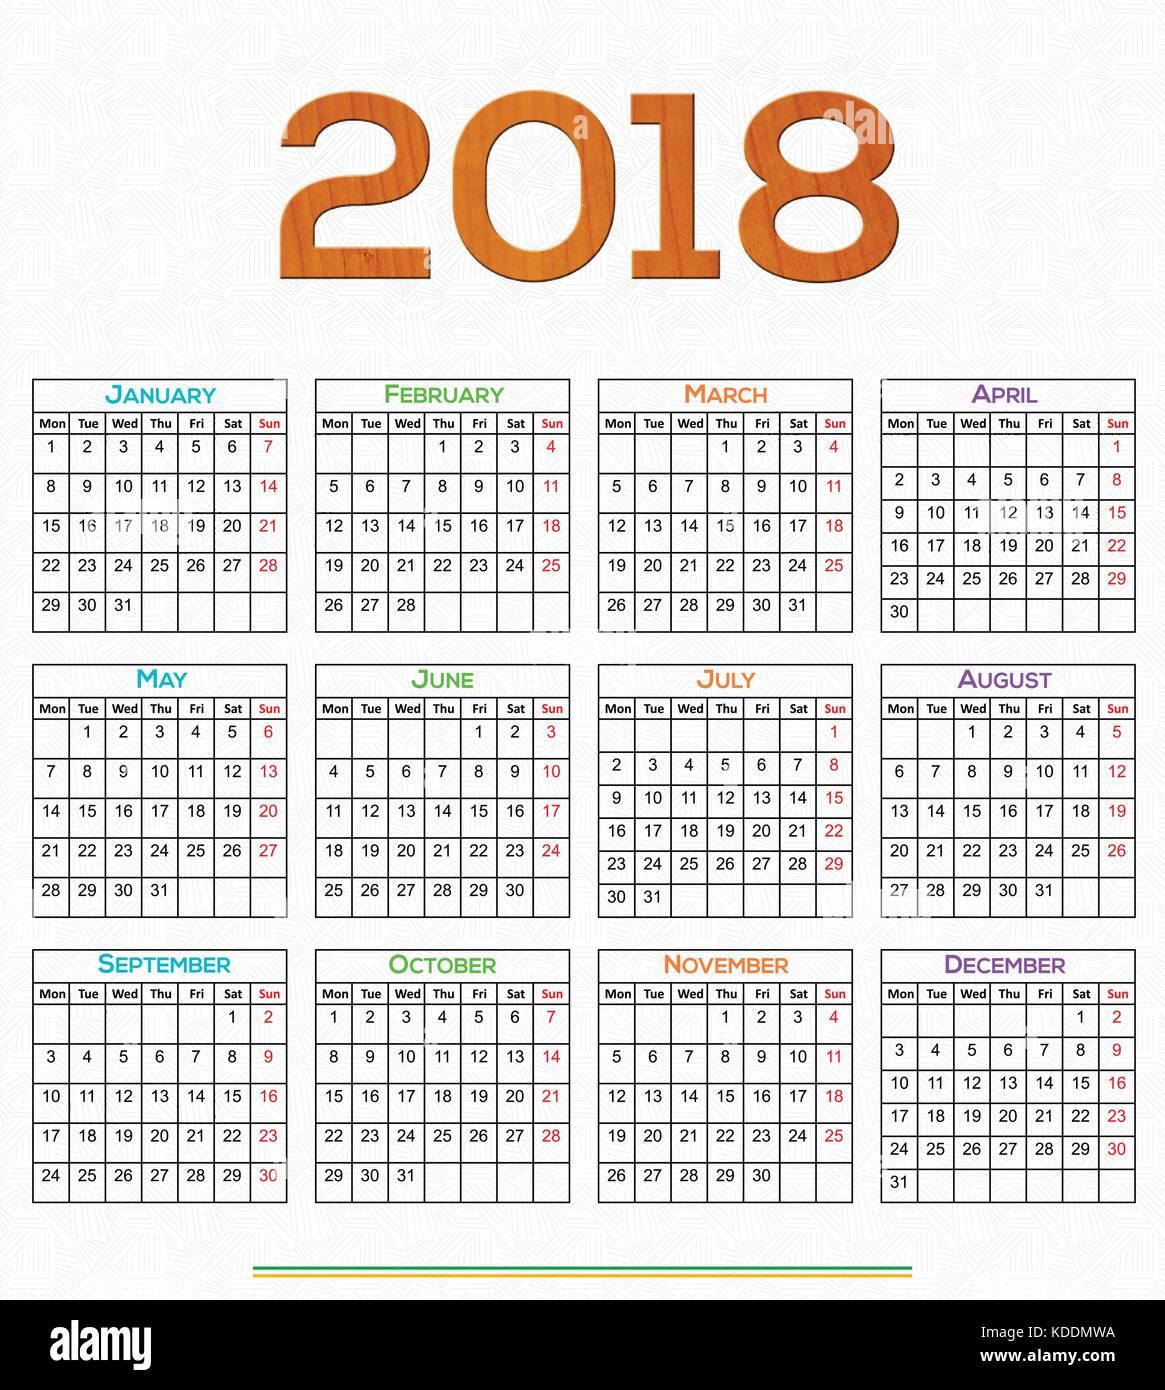 12 month calendar 2018 printable